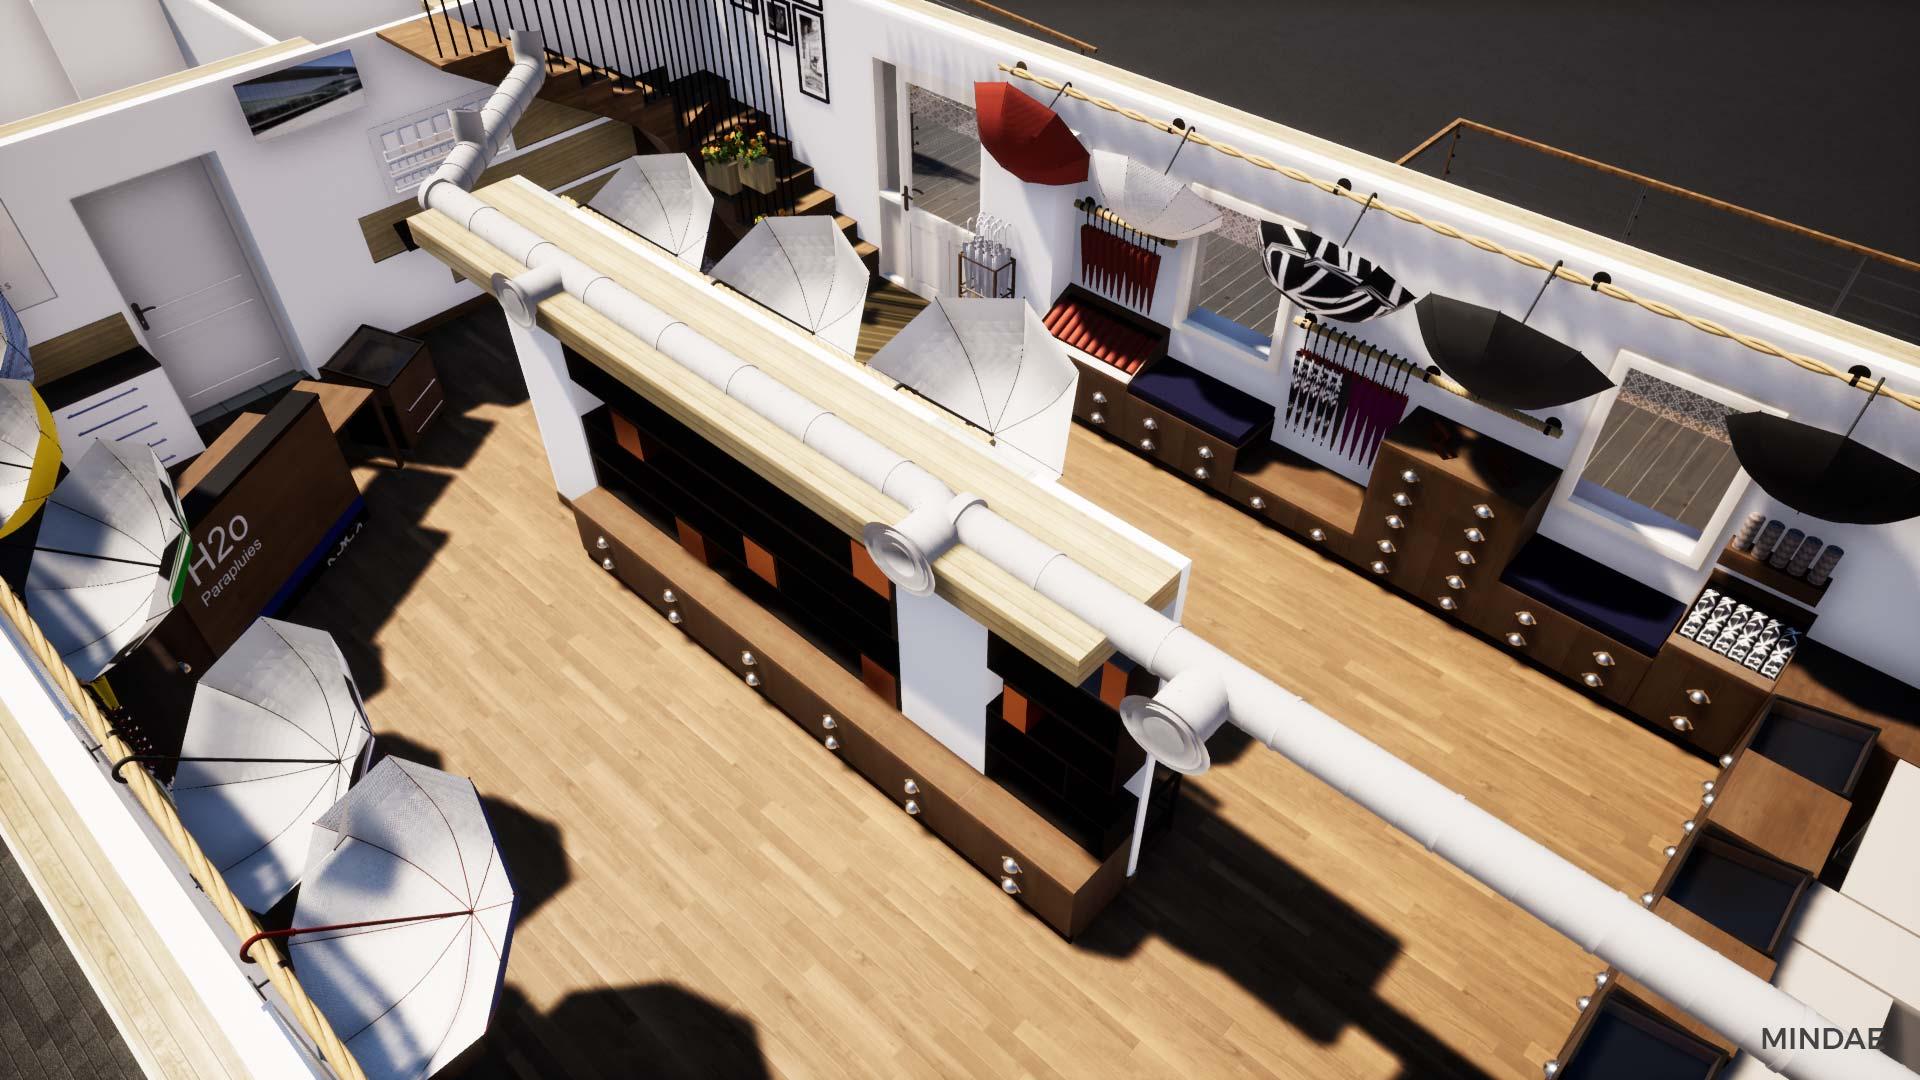 Mindae_3D_h2o_parapluies_crepon_creully_agencement_boutique_projet-(23)